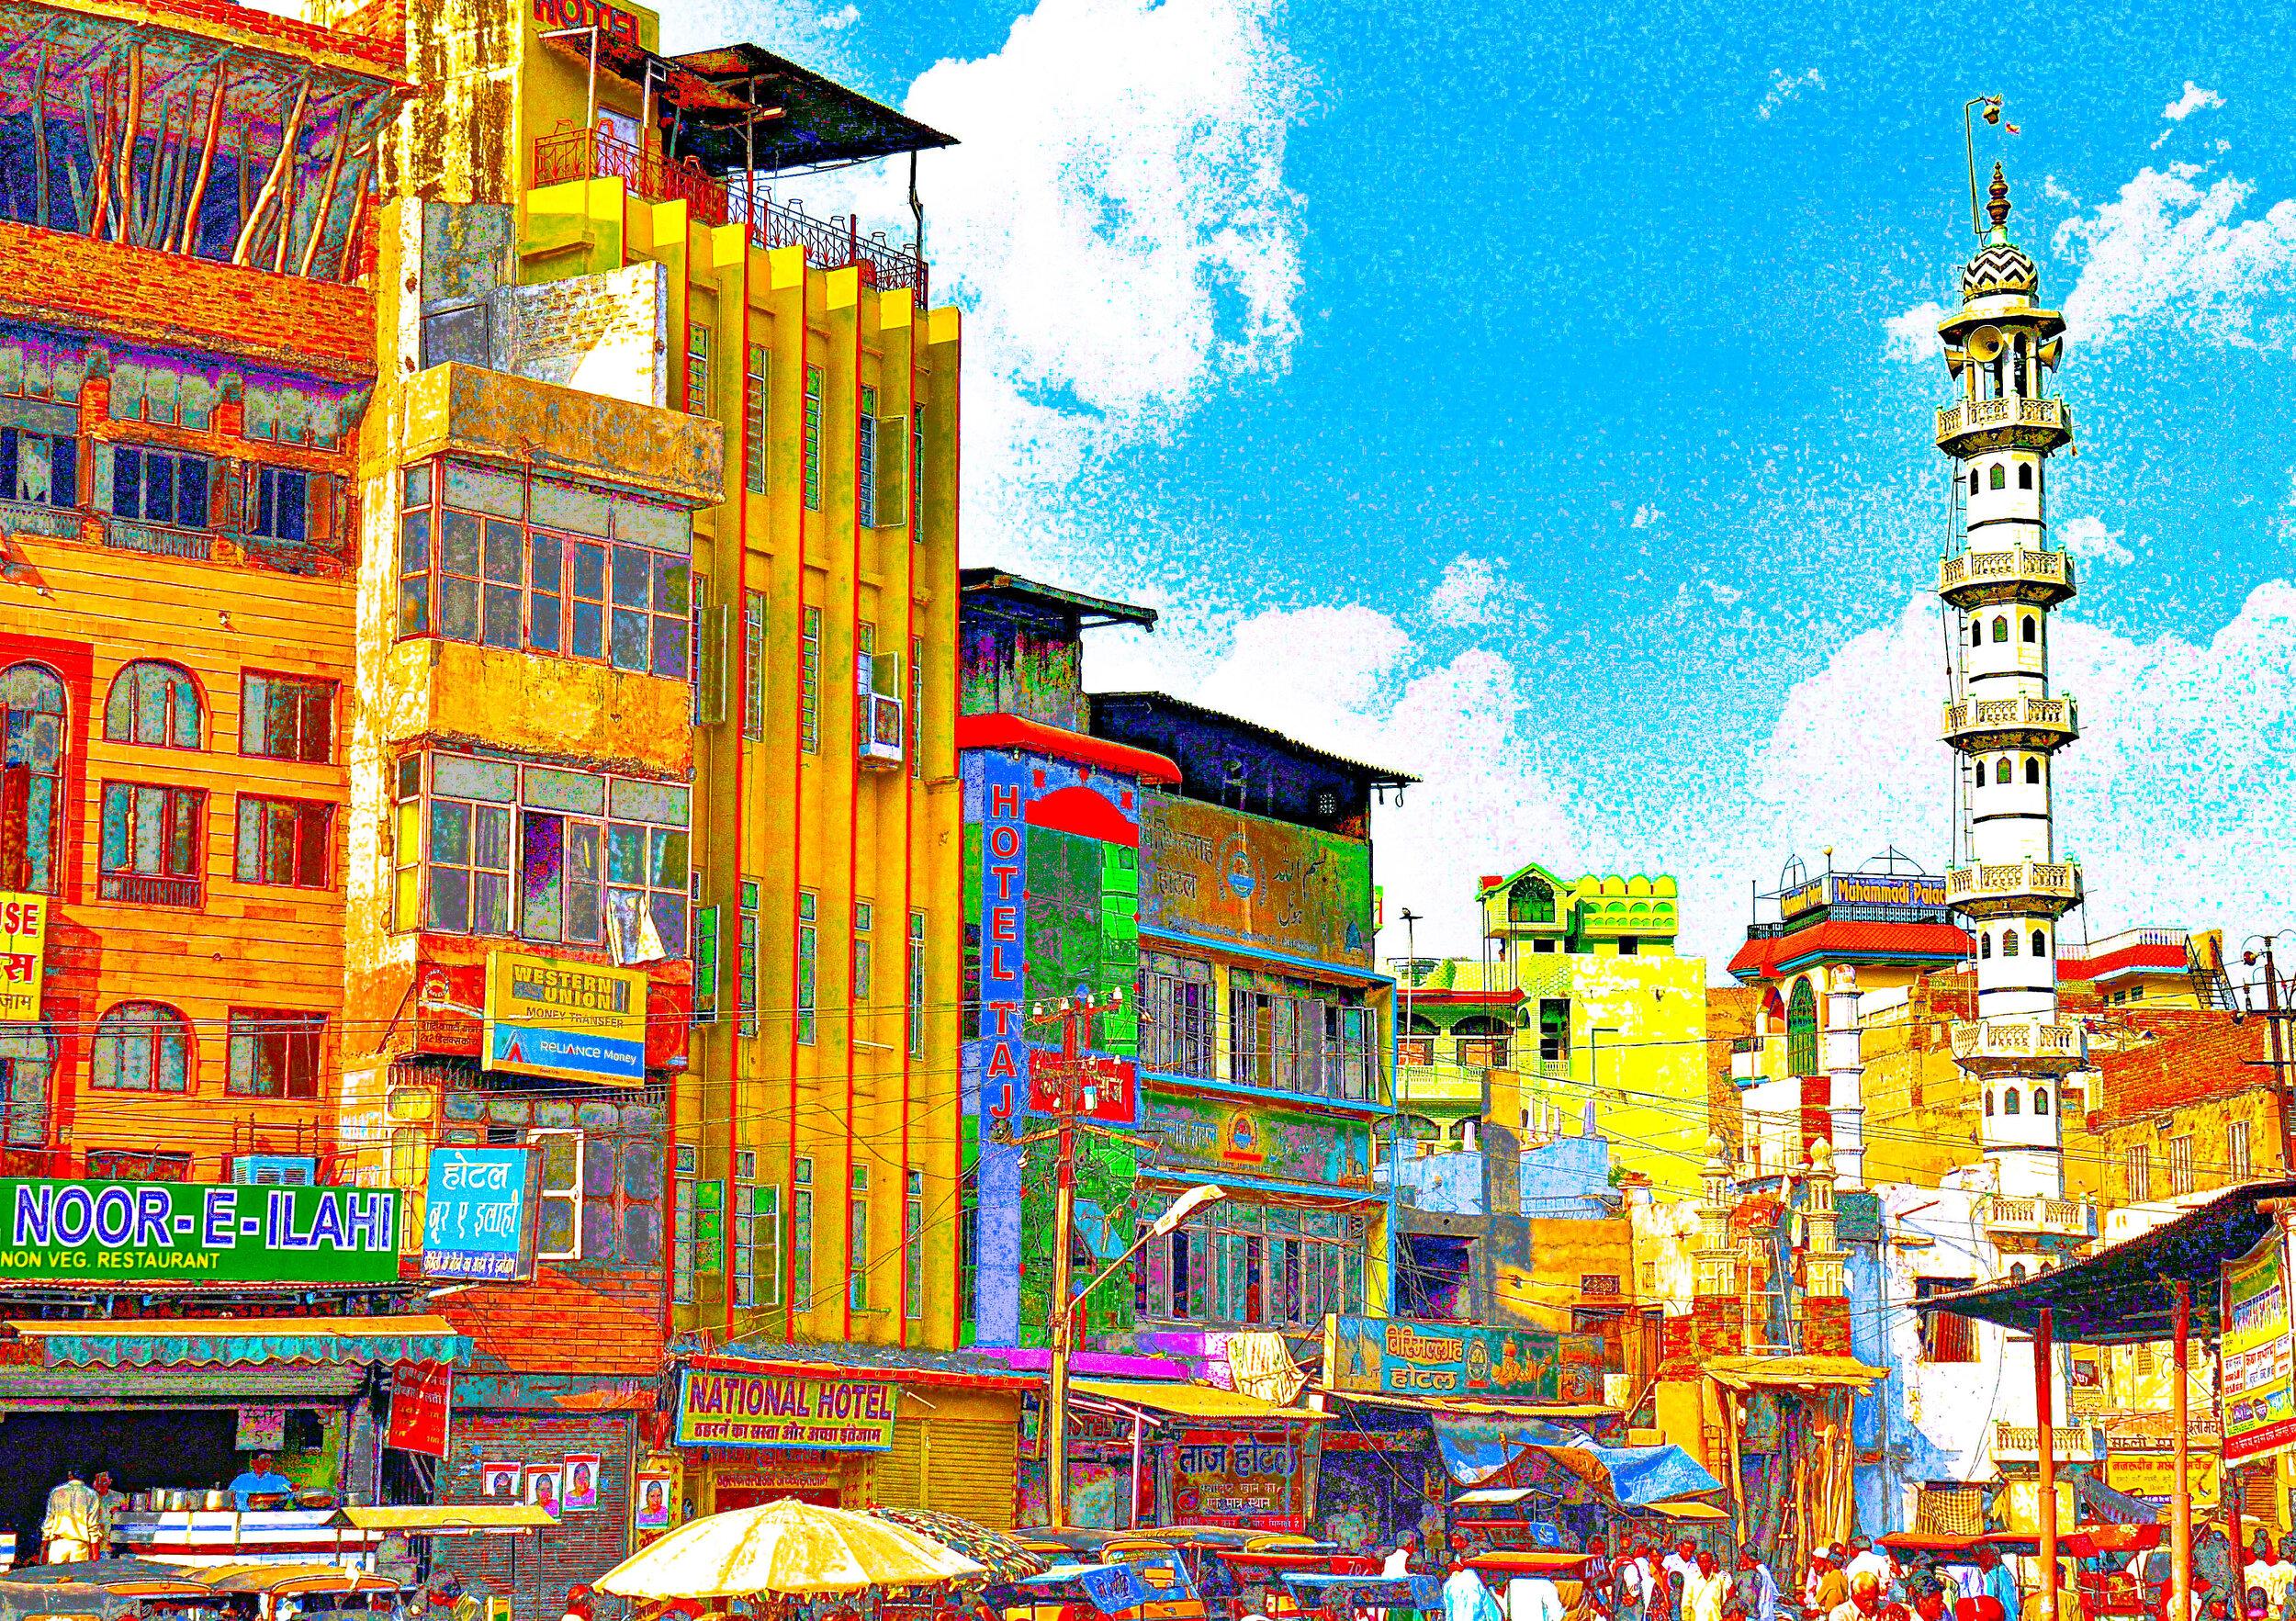 Downtown Agra, India